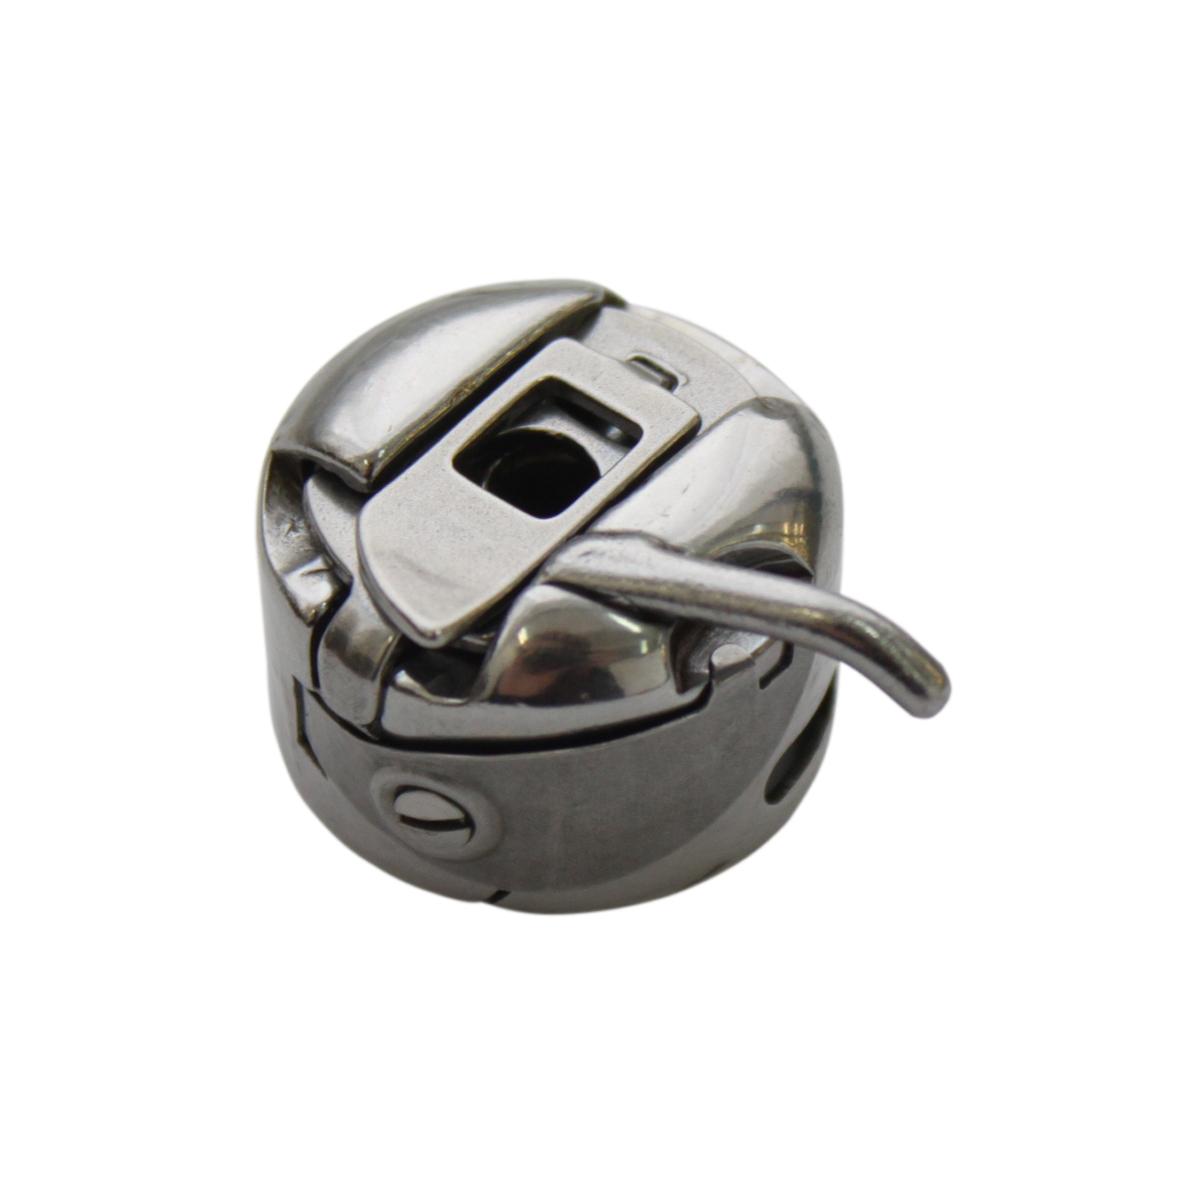 Шпульный колпачок Bestex SINGER ВС-15, левоходный к БШМ ремень bestex для бытовых швейных машин 20 шт 181580